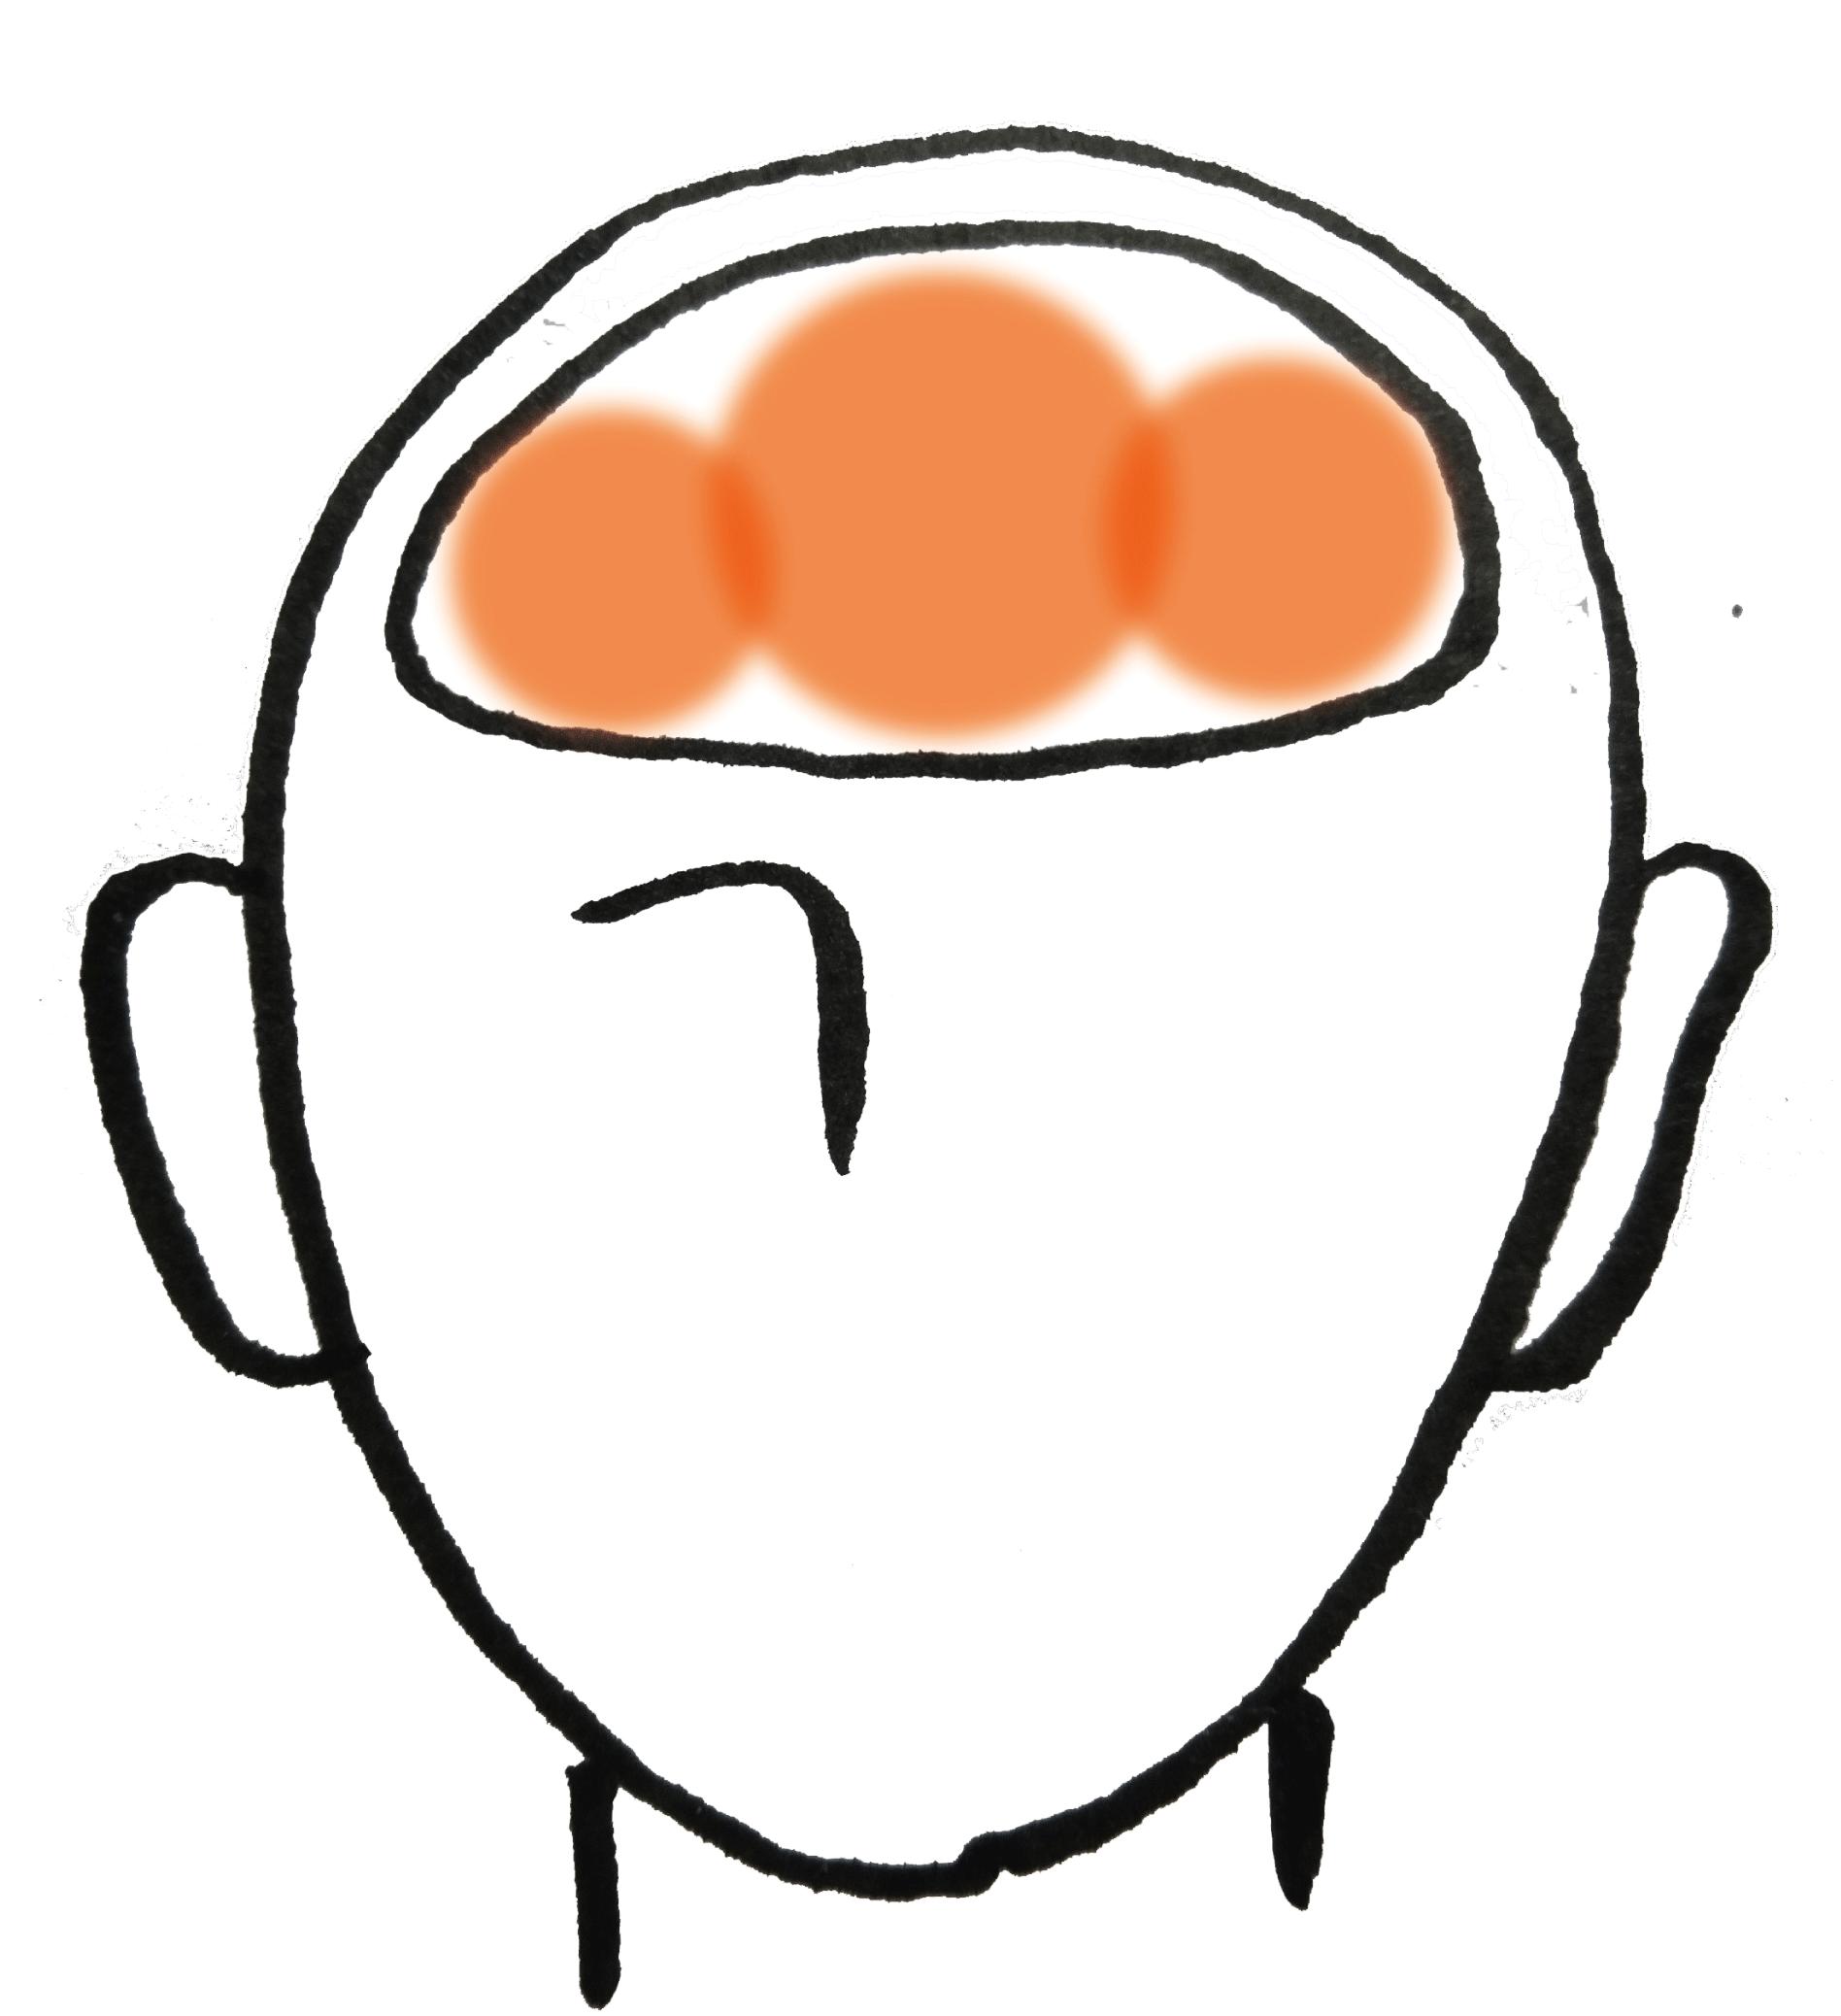 頭部、顔面部、脳及び脳神経に関連した症状